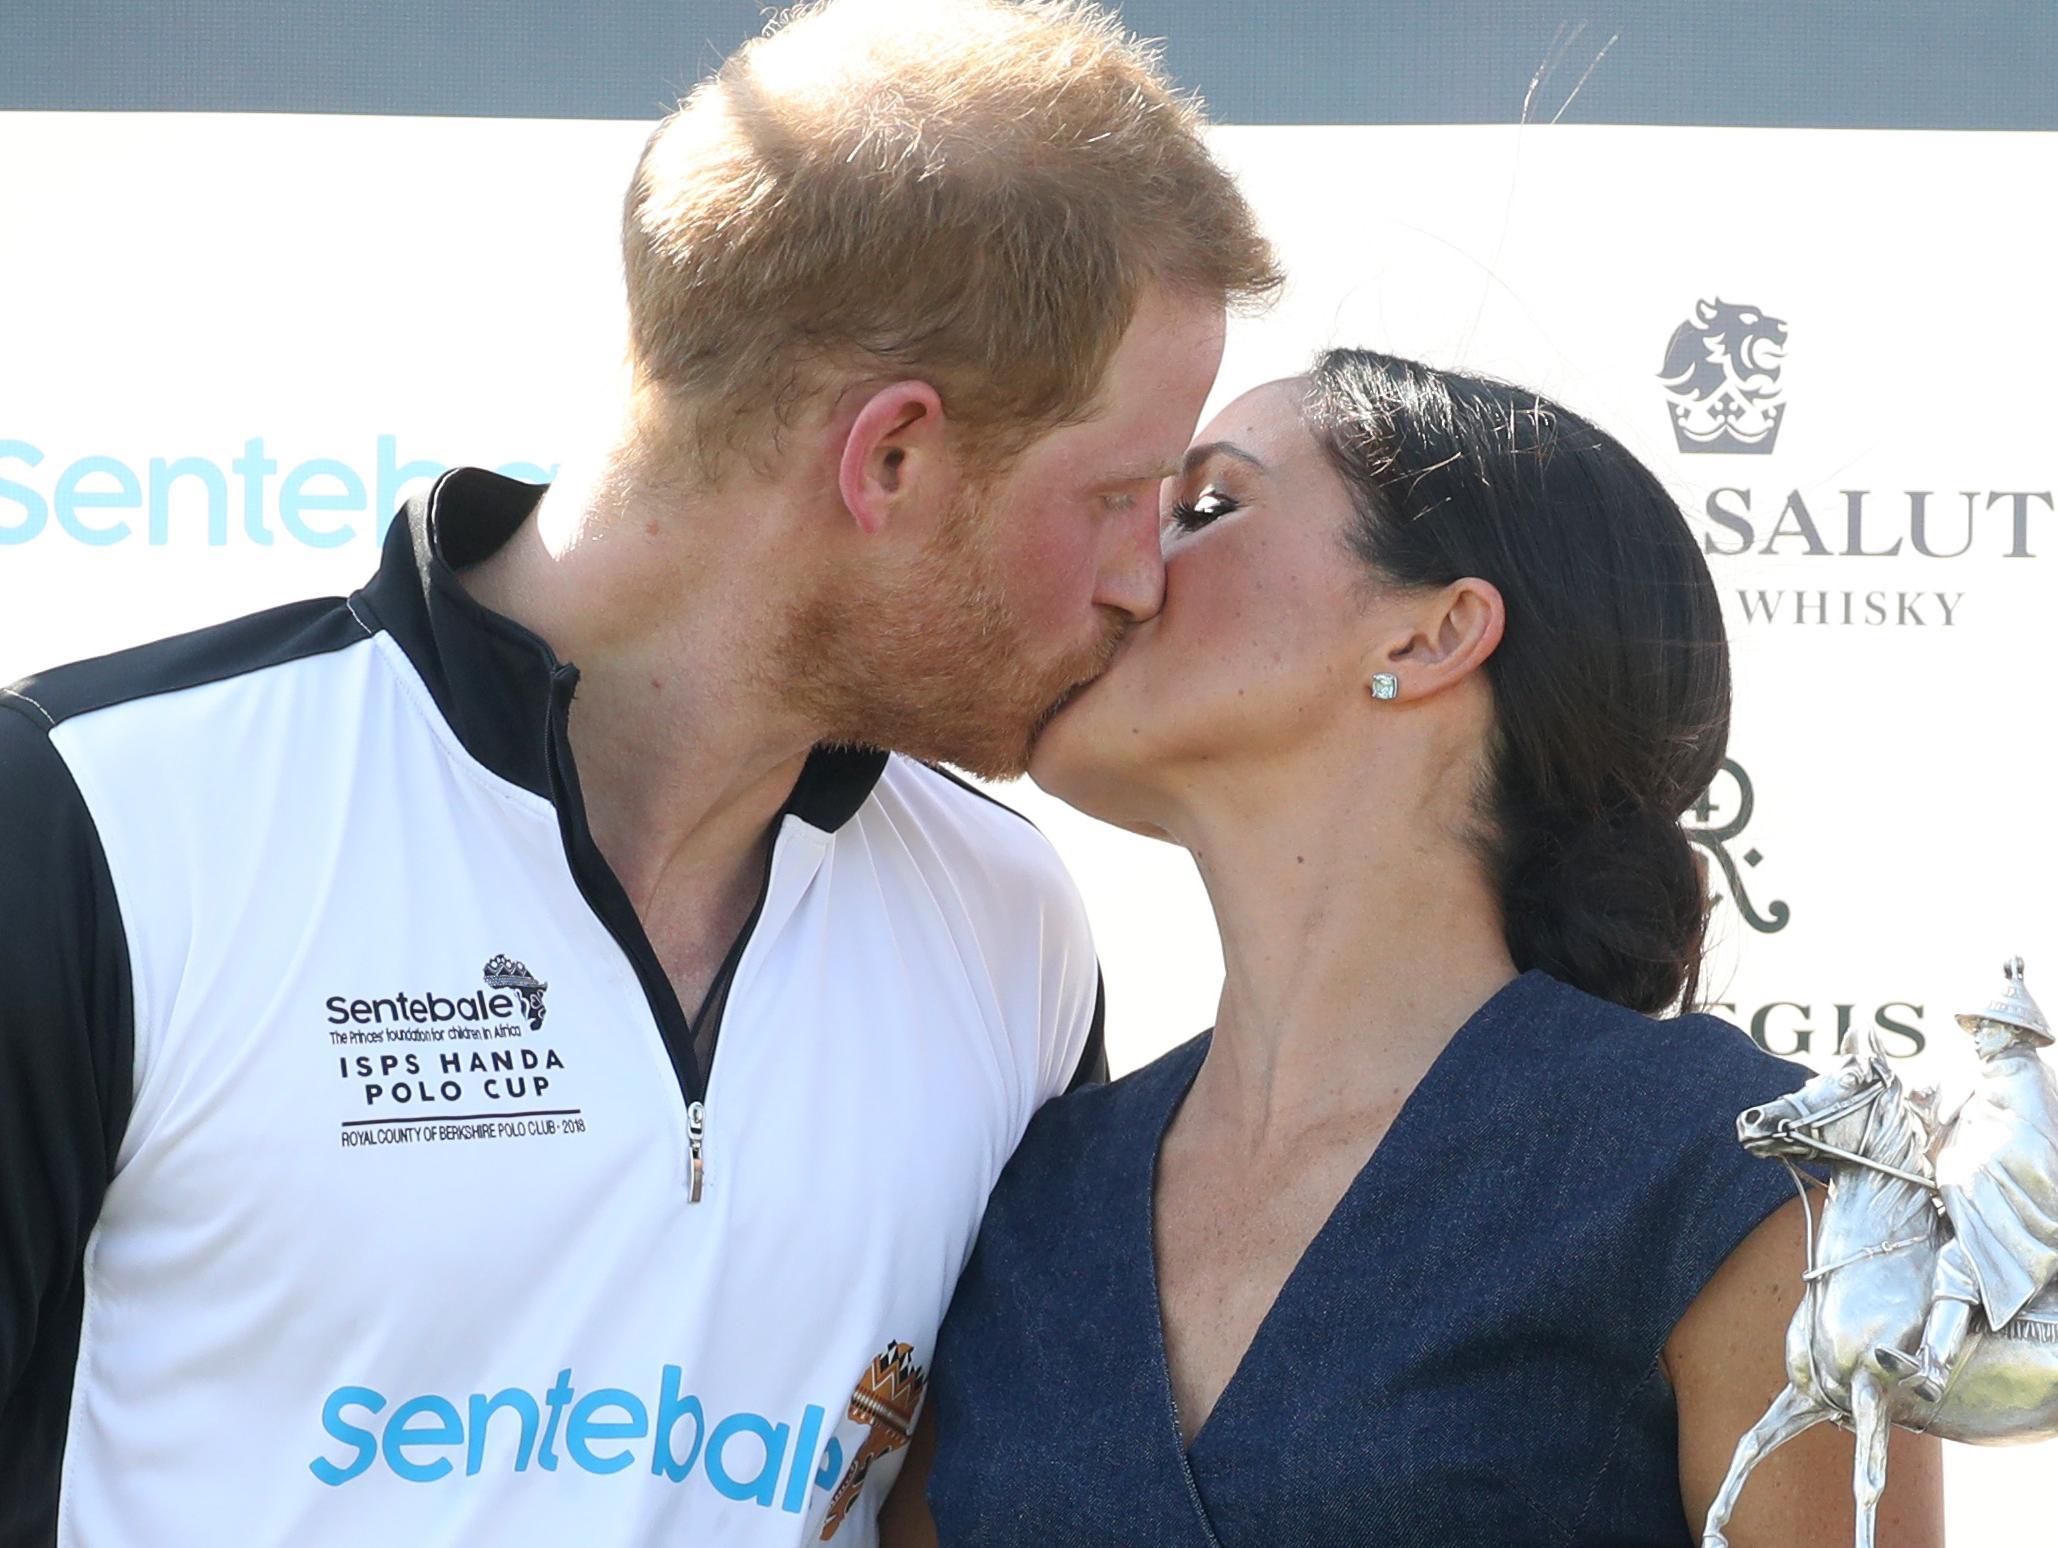 שמחה בממלכה: מייגן מרקל והנסיך הארי מצפים לילד